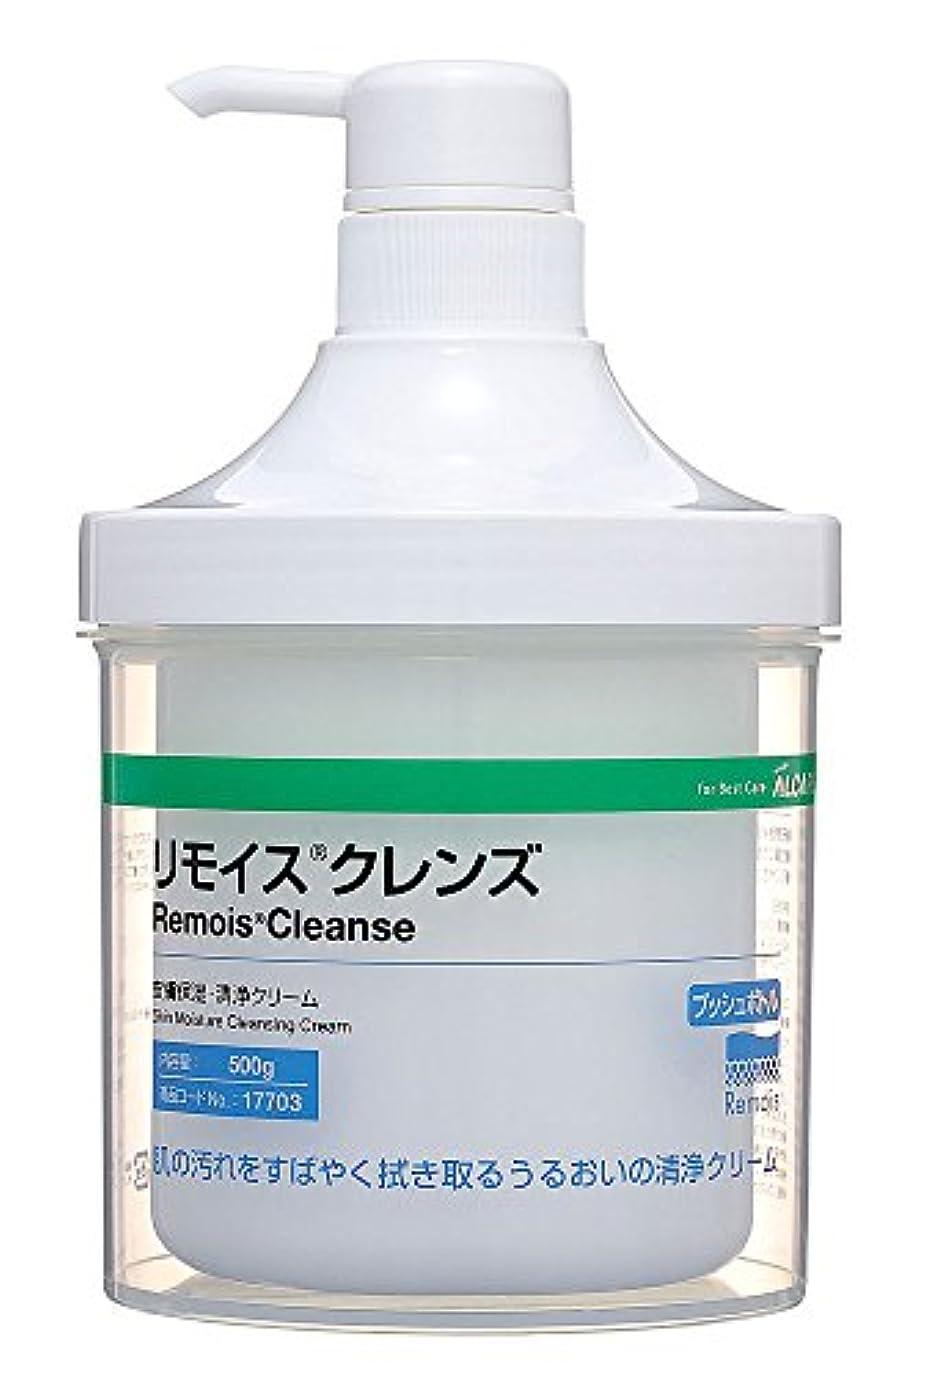 複雑シュートうなずくアルケア リモイスクレンズ 皮膚保湿?清浄クリーム 17703 プッシュボトル 500g